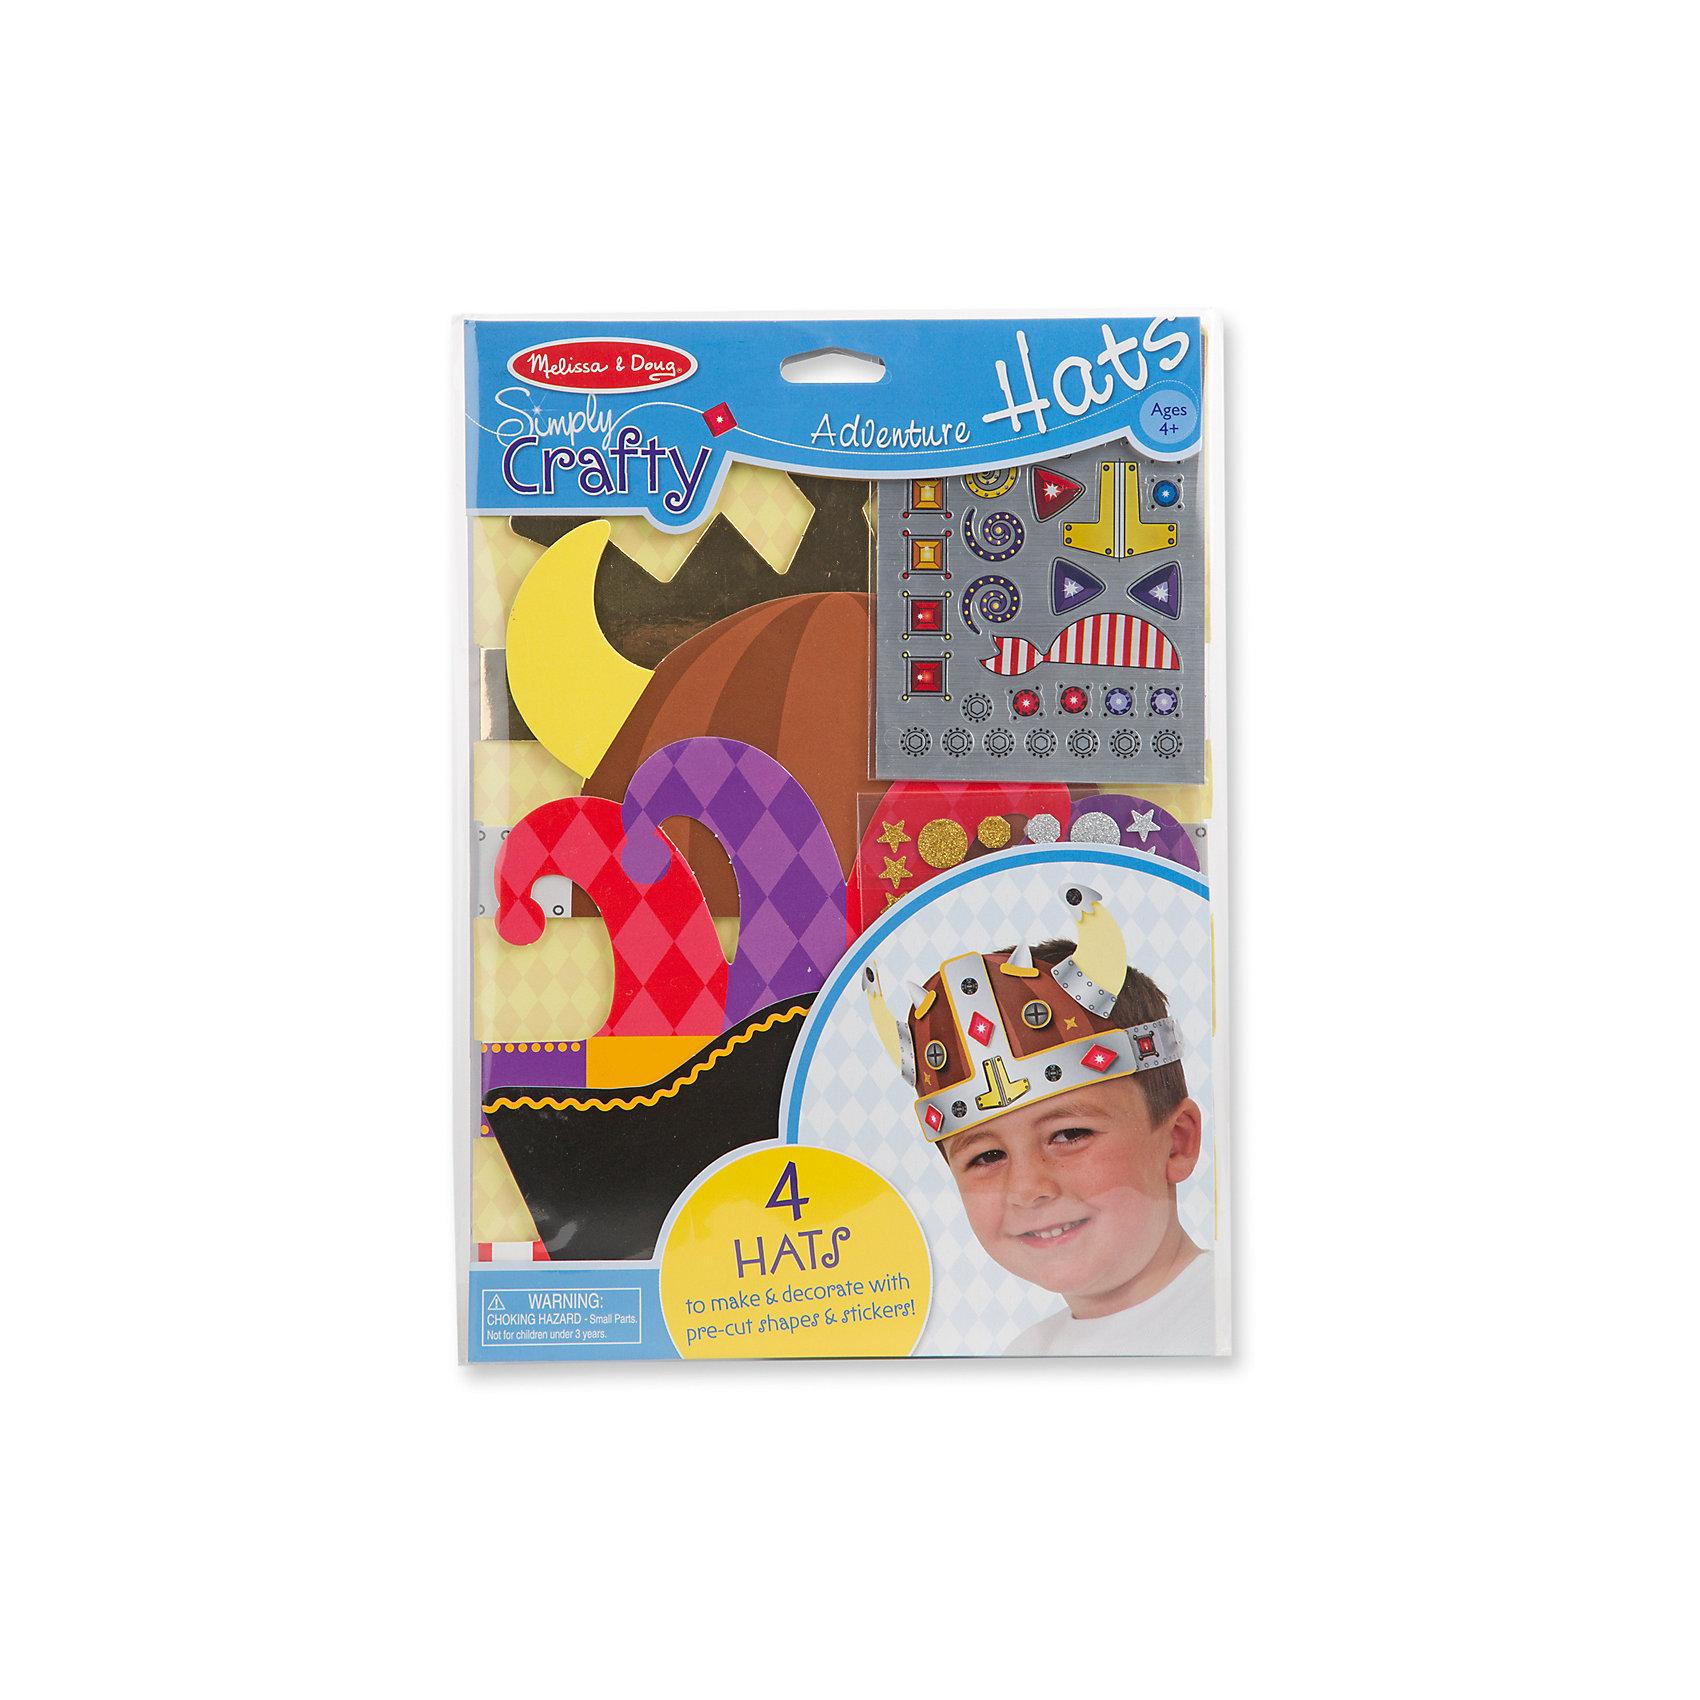 Набор для создания головных уборов Приключения шляпыМаски и карнавальные костюмы<br>Набор для творчества Приключения шляпы - включает в себя всё необходимое, для создания и оформления четырех ярких и фантастических головных уборов. Ребенок сможет создать четыре невероятные приключенческие шляпы, так, как ему захочется, а  добавив многослойный эффект, получится что-то экстра- особенное!<br><br>Дополнительная информация: <br><br>-Комплектация: 4 основы головного убора, 34 блестящие наклейки, 39 блестящих наклеек, 80 нарезанных декоративных форм, липкая пена 200 квадратов.<br>-Размер упаковки: 22х1х30<br>-Вес в упаковке: 113 г<br><br>Такой творческий набор замечательно развивает художественные навыки, фантазию, воображение и мелкую моторику рук. <br><br>Набор для создания головных уборов Приключения шляпыможно купить в нашем магазине.<br><br>Ширина мм: 220<br>Глубина мм: 10<br>Высота мм: 300<br>Вес г: 113<br>Возраст от месяцев: 48<br>Возраст до месяцев: 180<br>Пол: Мужской<br>Возраст: Детский<br>SKU: 4720644